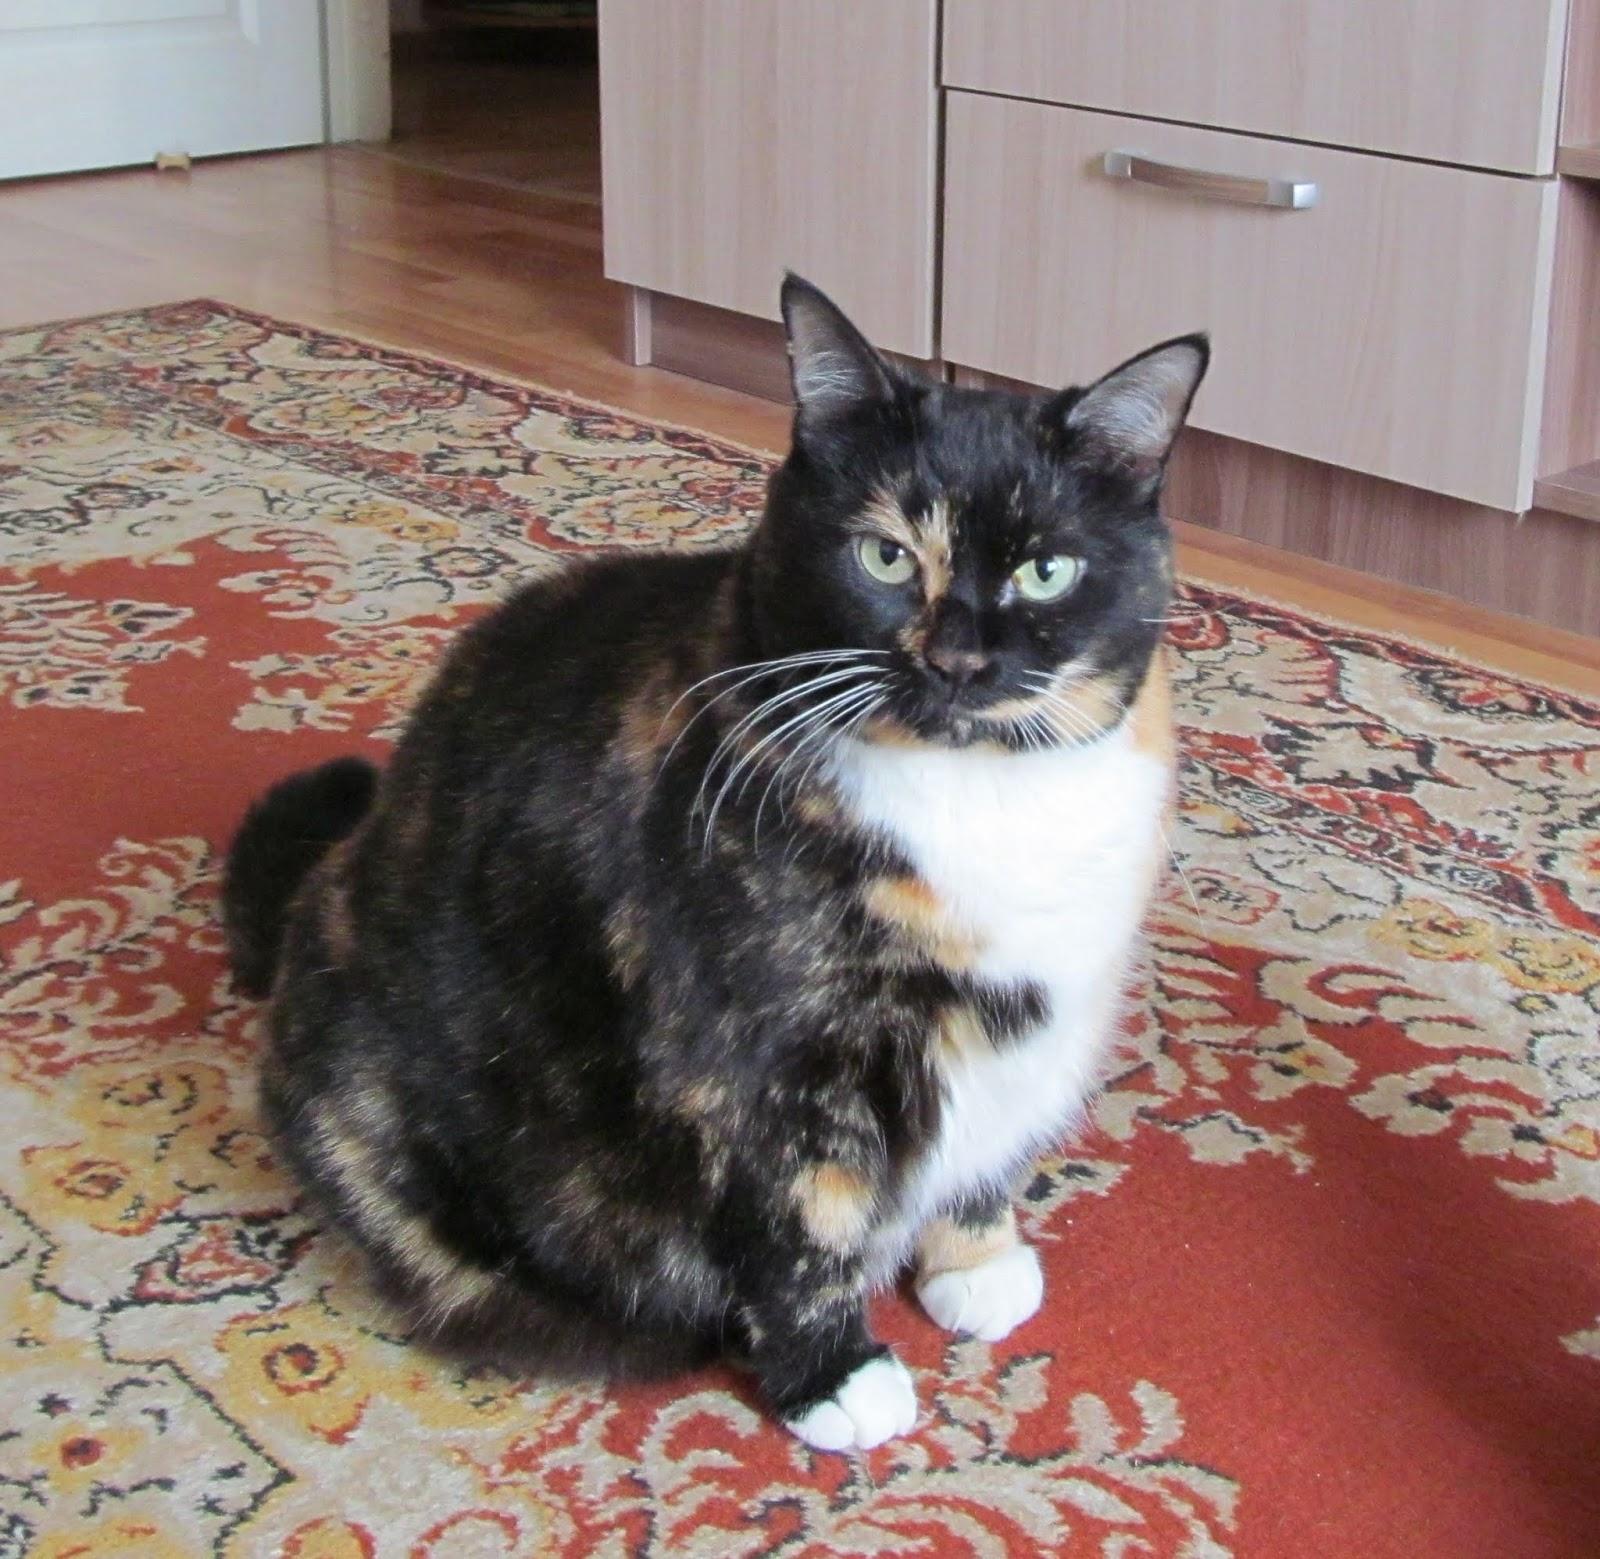 Как Домашним Кошкам Похудеть. Как коту похудеть: простые и действенные методы, диета, питание и уход